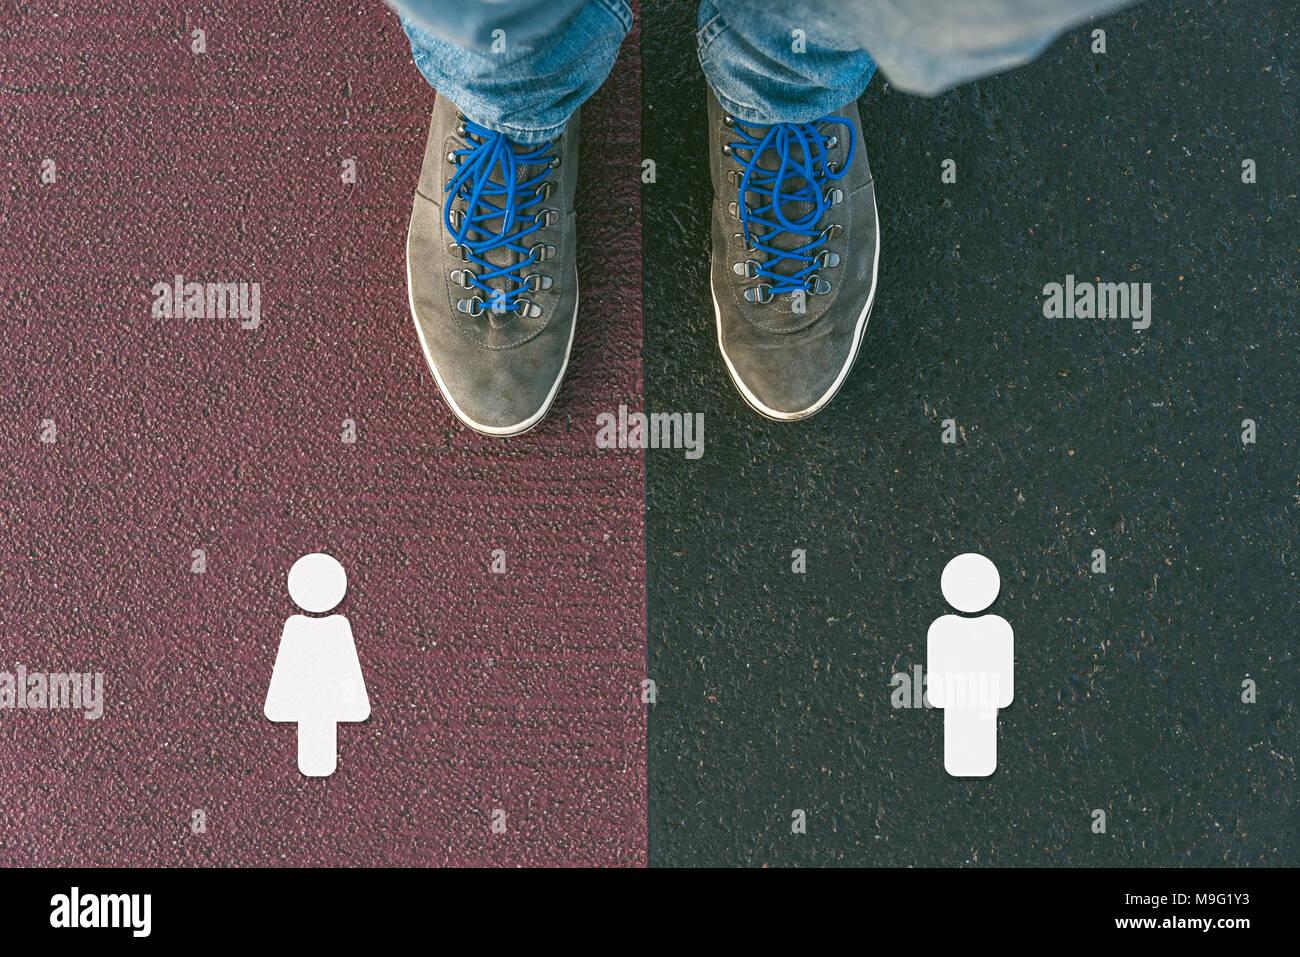 Brecha de género entre el hombre y la mujer, en el pasado, ahora y en el futuro simbolizado por dos pies de pie en dos colores diferentes con flechas en camino desde arriba Imagen De Stock